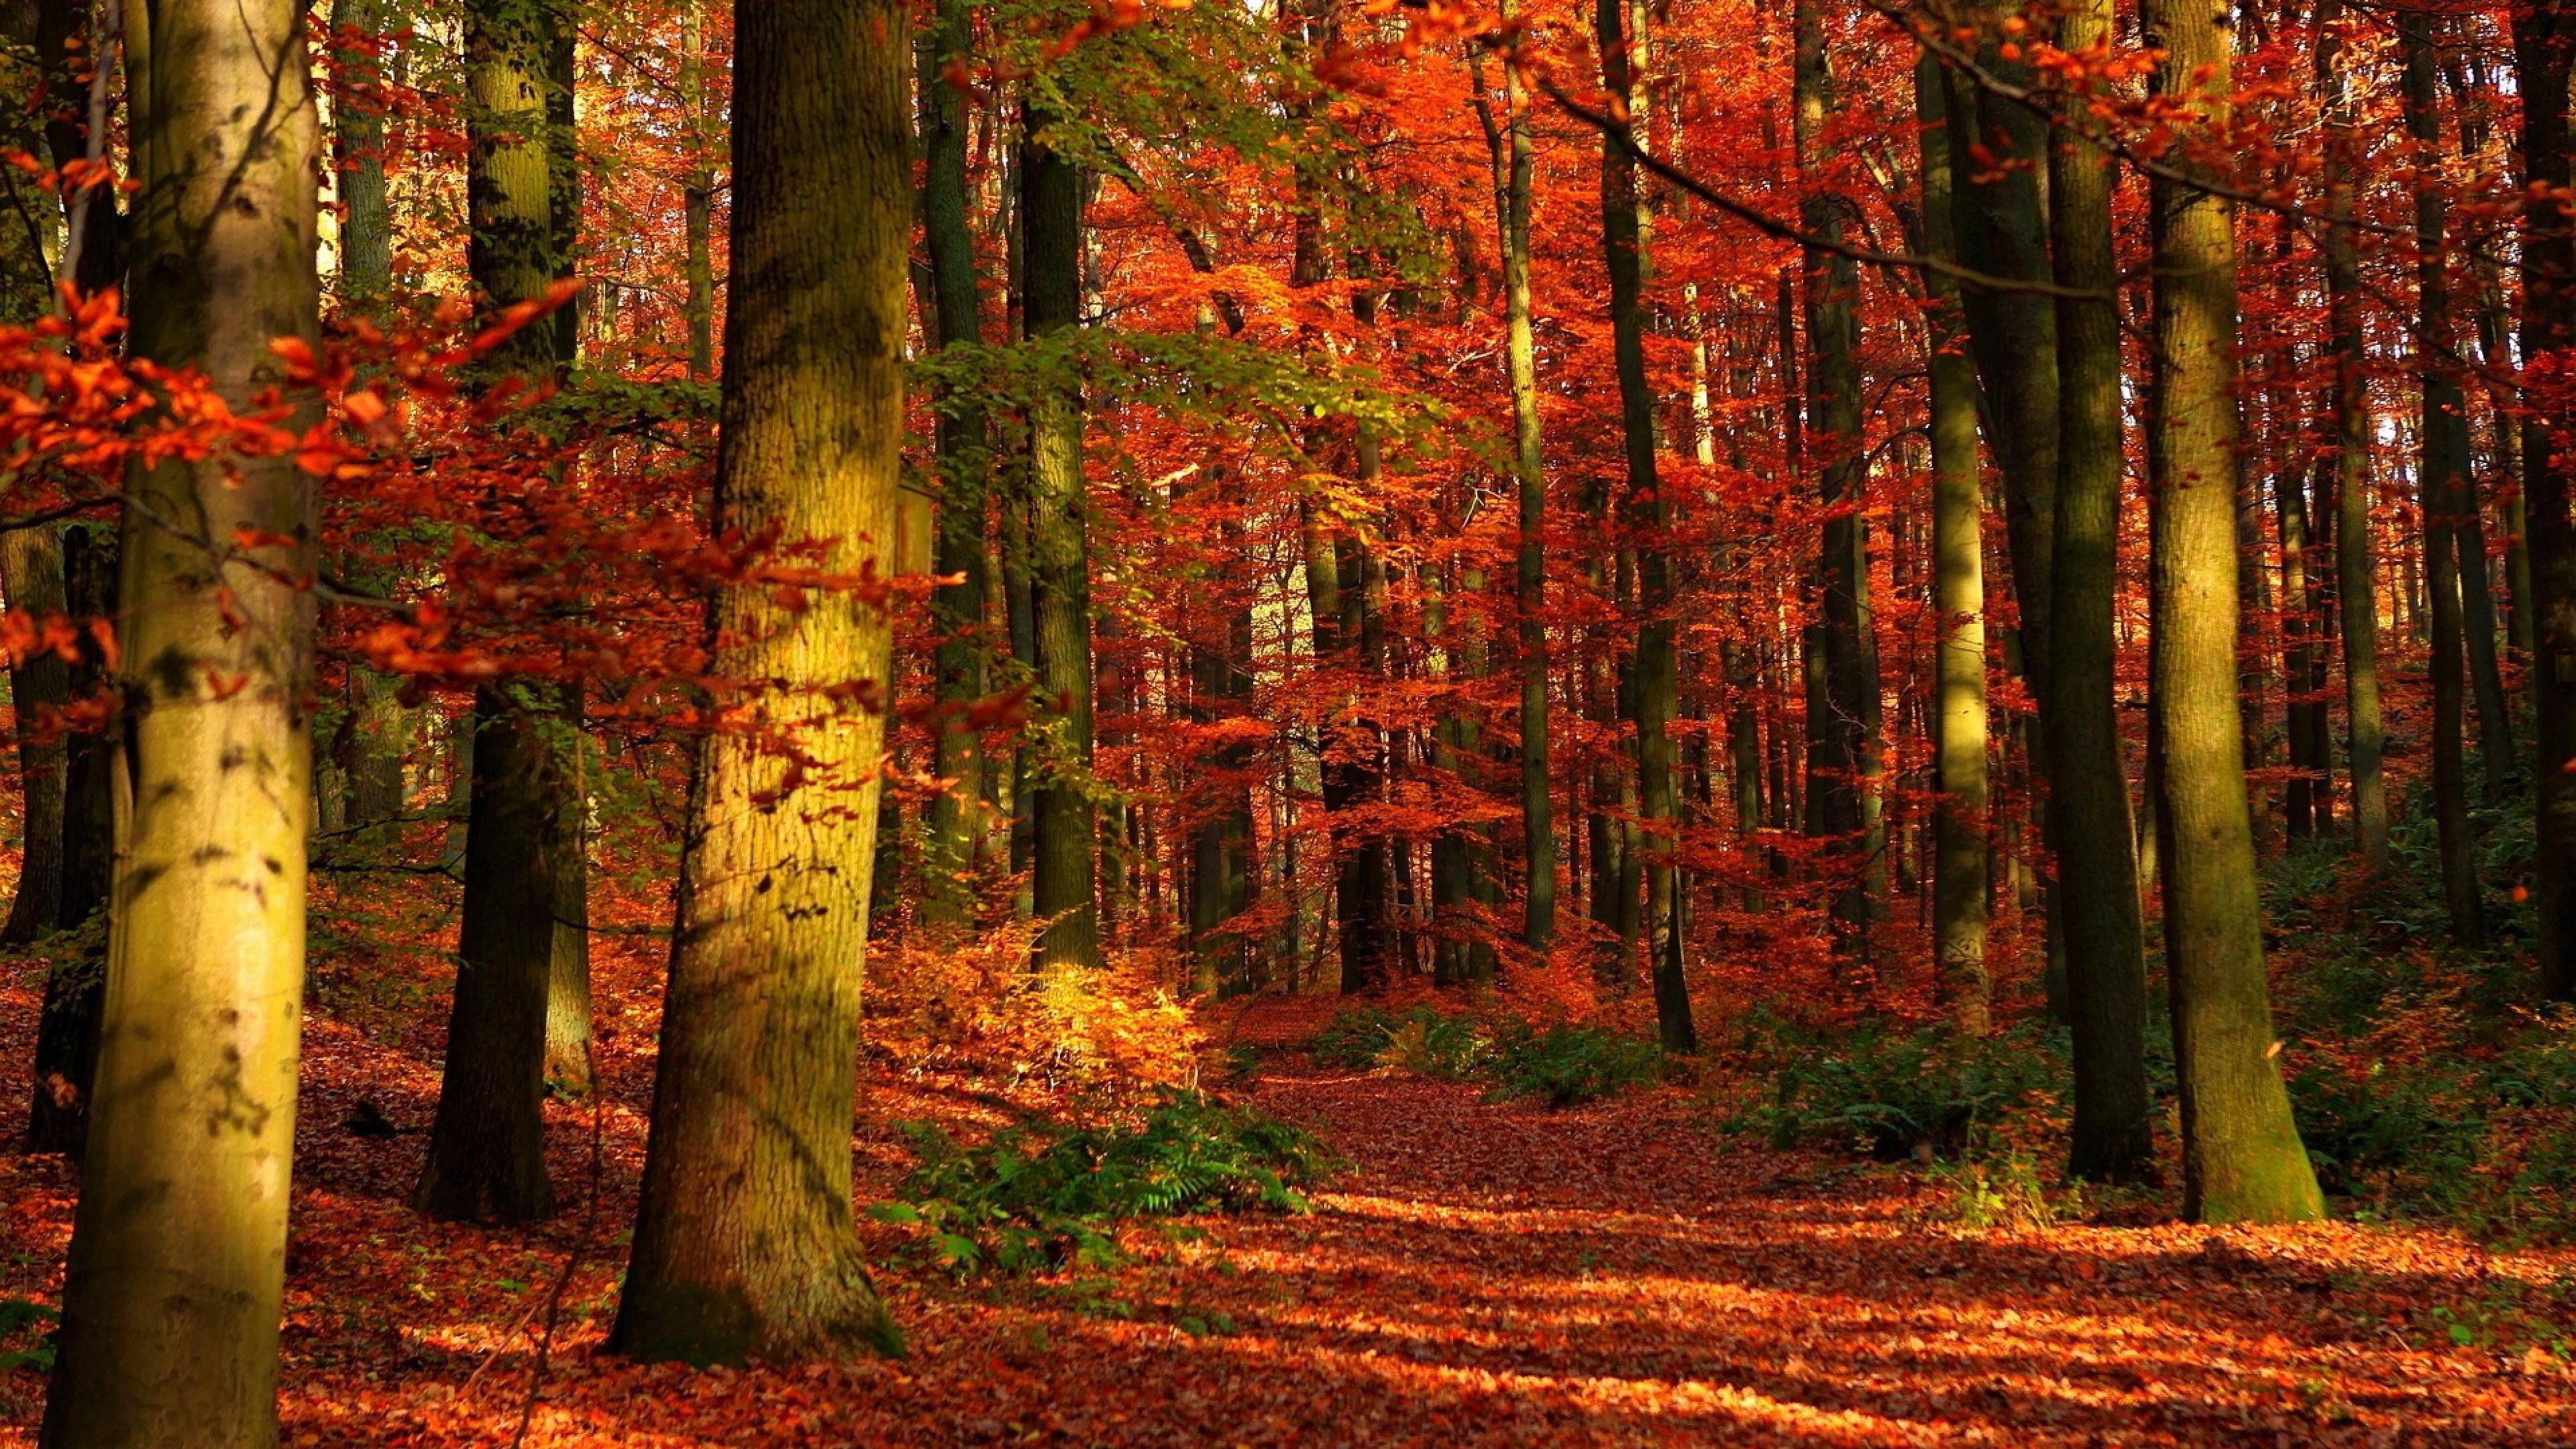 природа деревья листья осень nature trees leaves autumn  № 1036990 загрузить